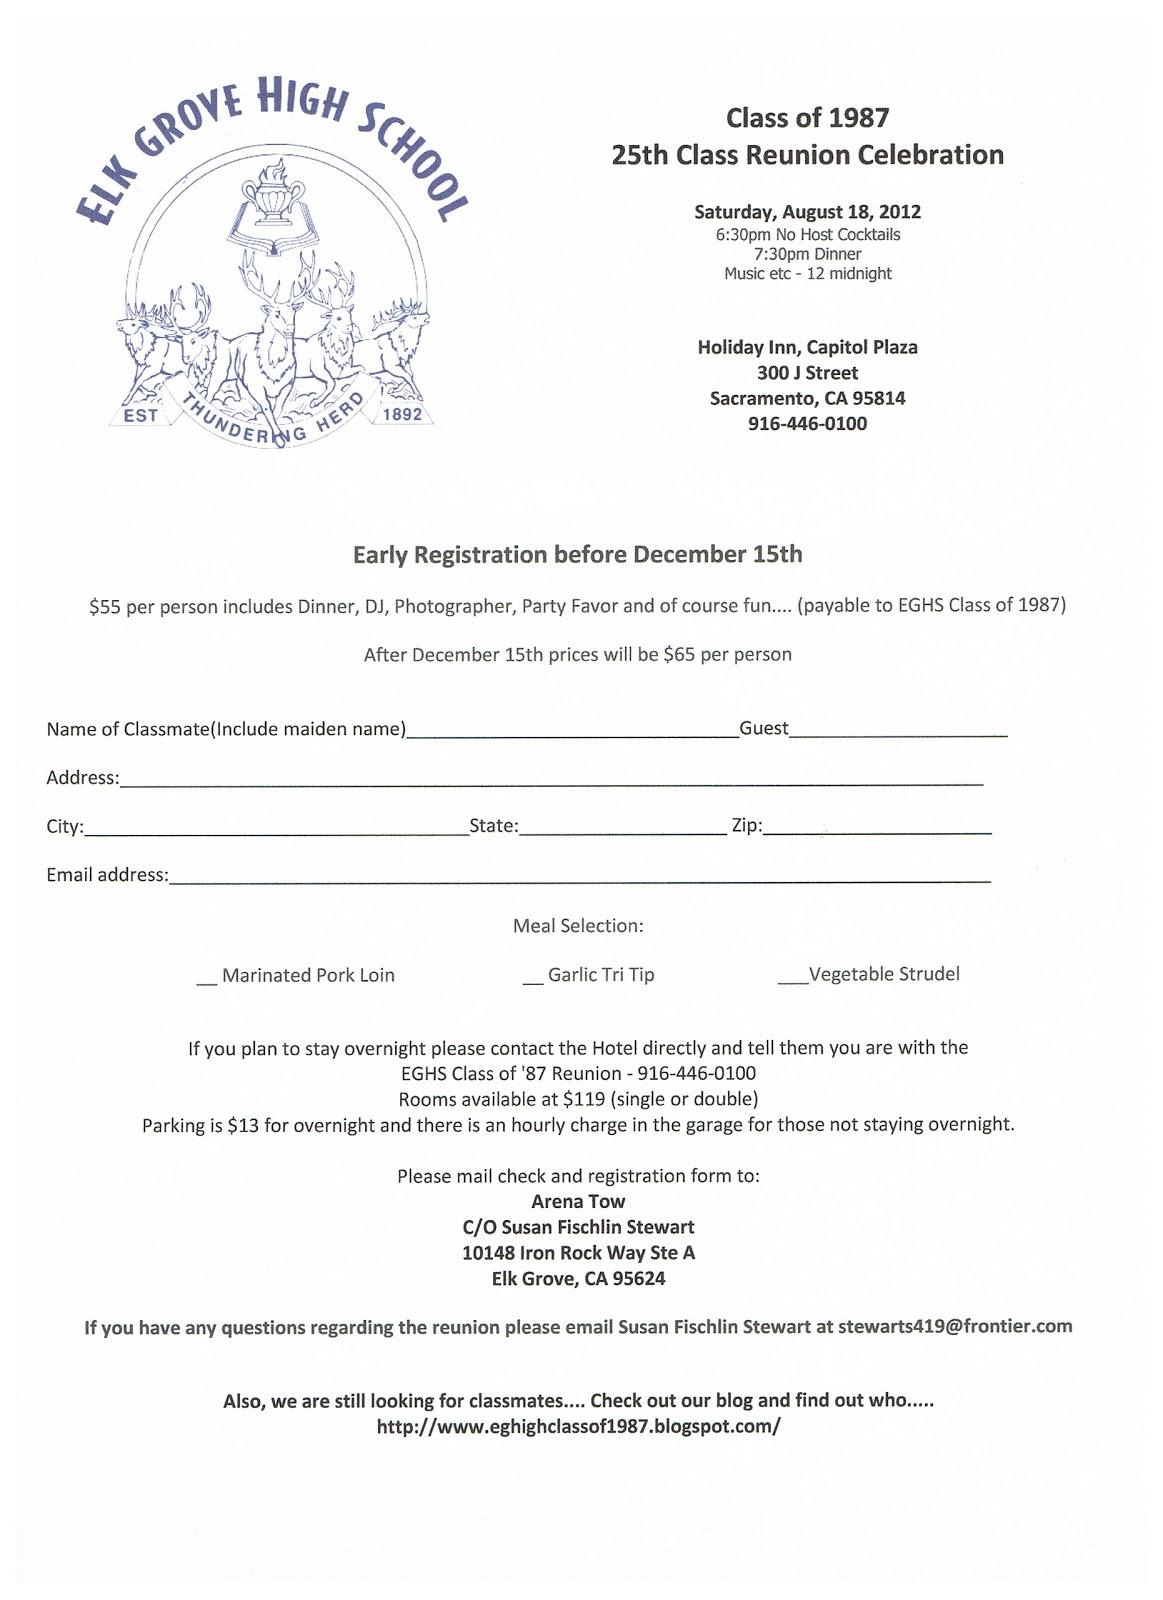 Eg high class of 1987 25th class reunion registration form for High school registration form template